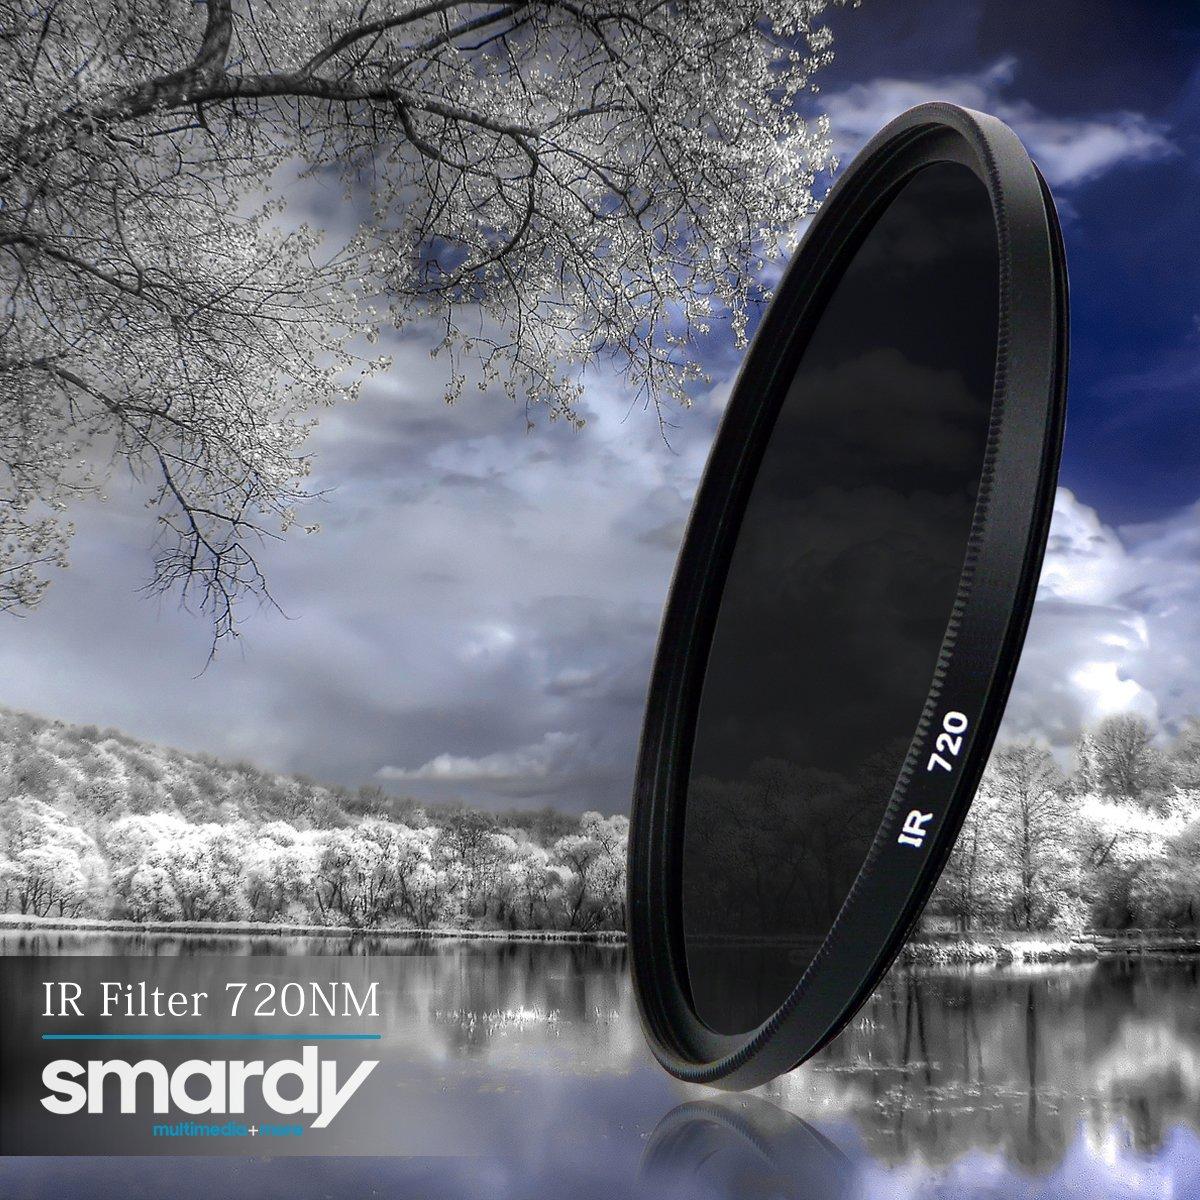 Sony Alpha SLT-65V smardy 55mm Filtro infrarrojo 720nm IR para Canon EOS 1100D Alpha SLT-77V DSLR C/ámara Digital Lente